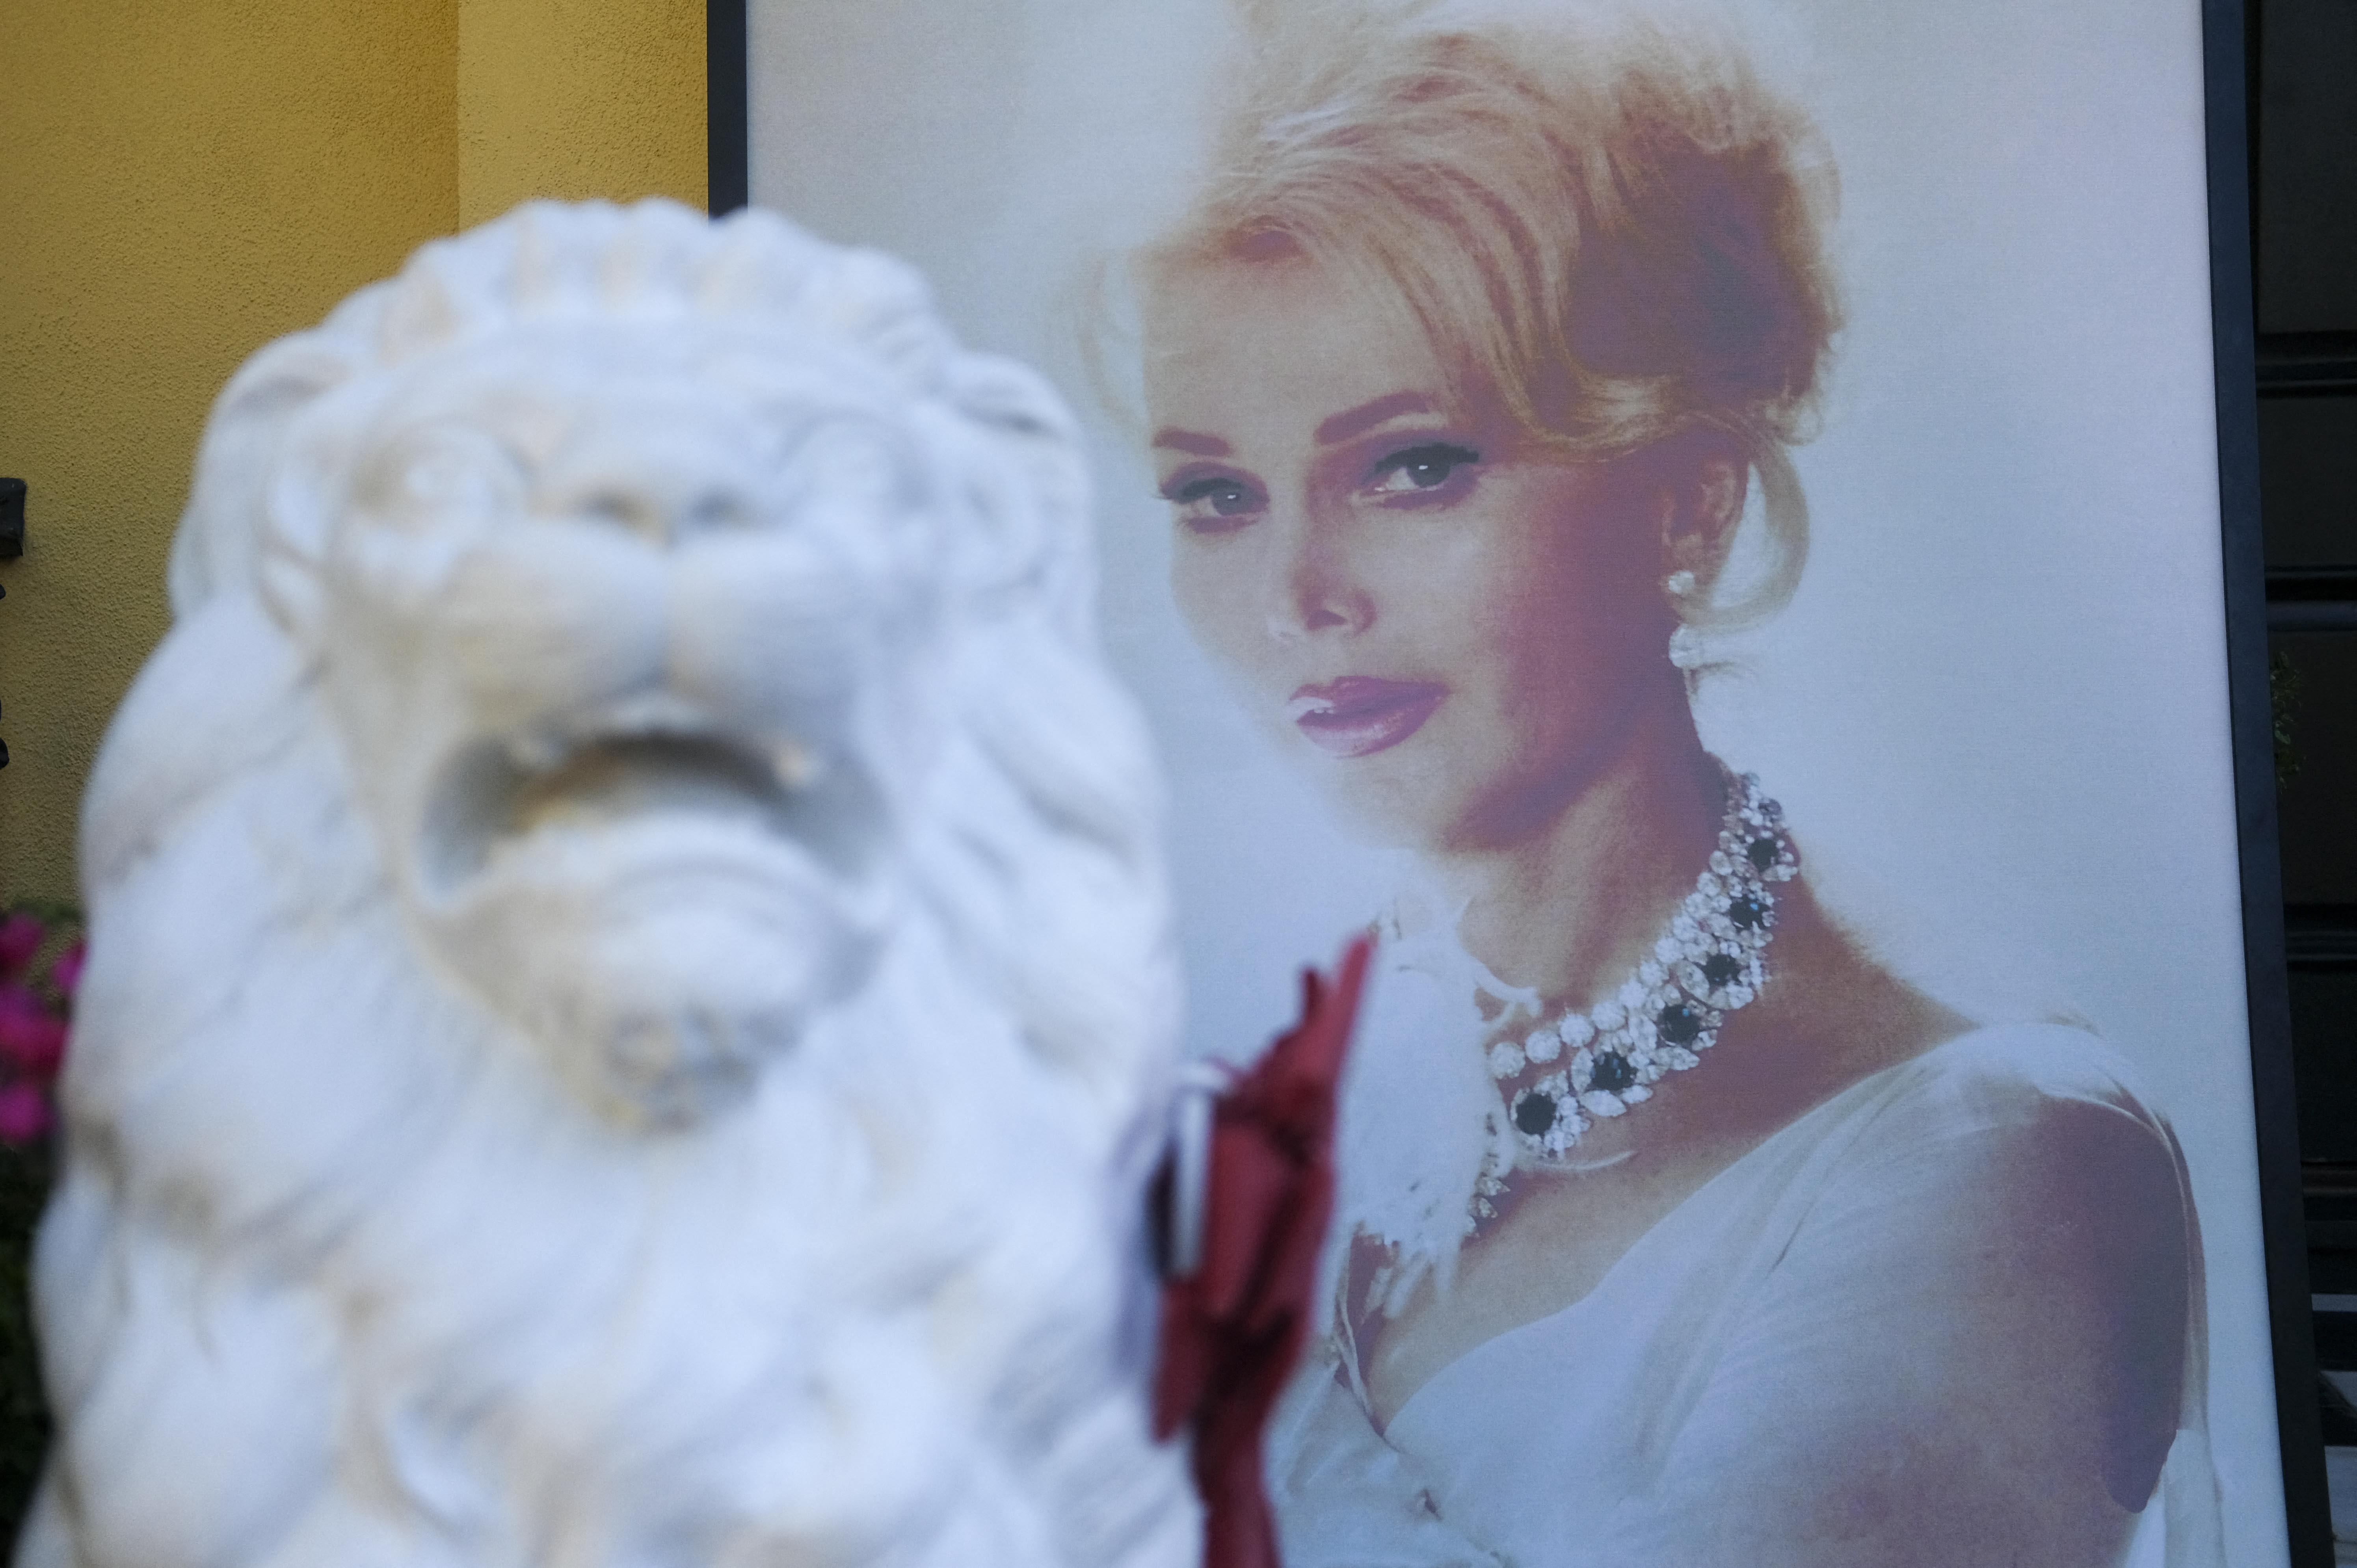 Öt évvel halála után eltemetik Budapesten Gábor Zsazsát